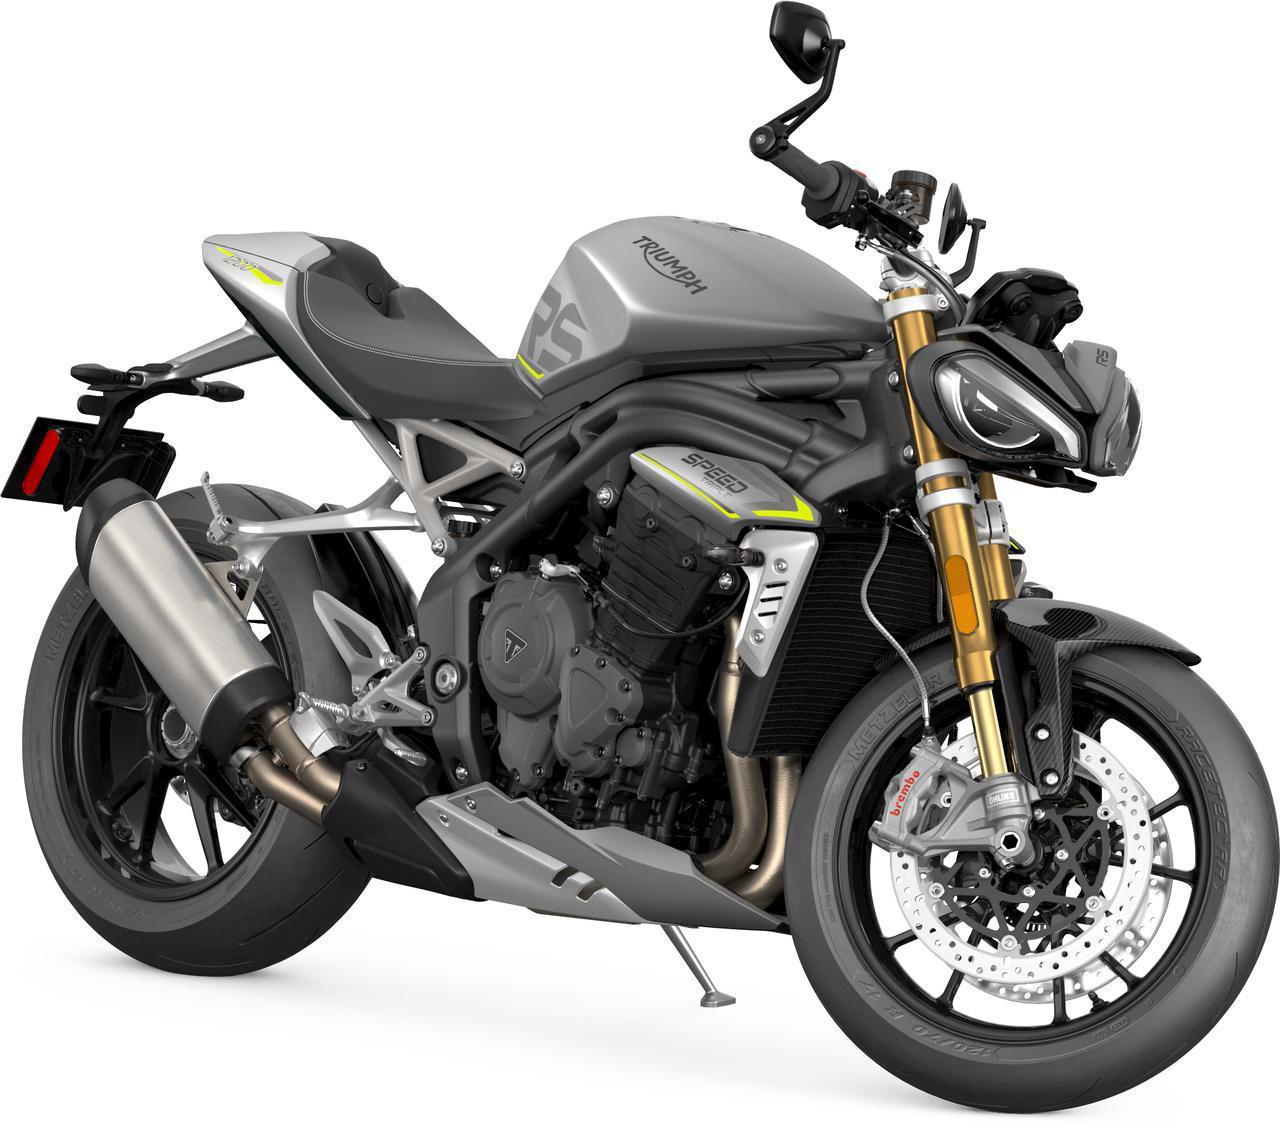 画像: トライアンフ「スピードトリプル1200RS」2021年1月予約受付開始- webオートバイ